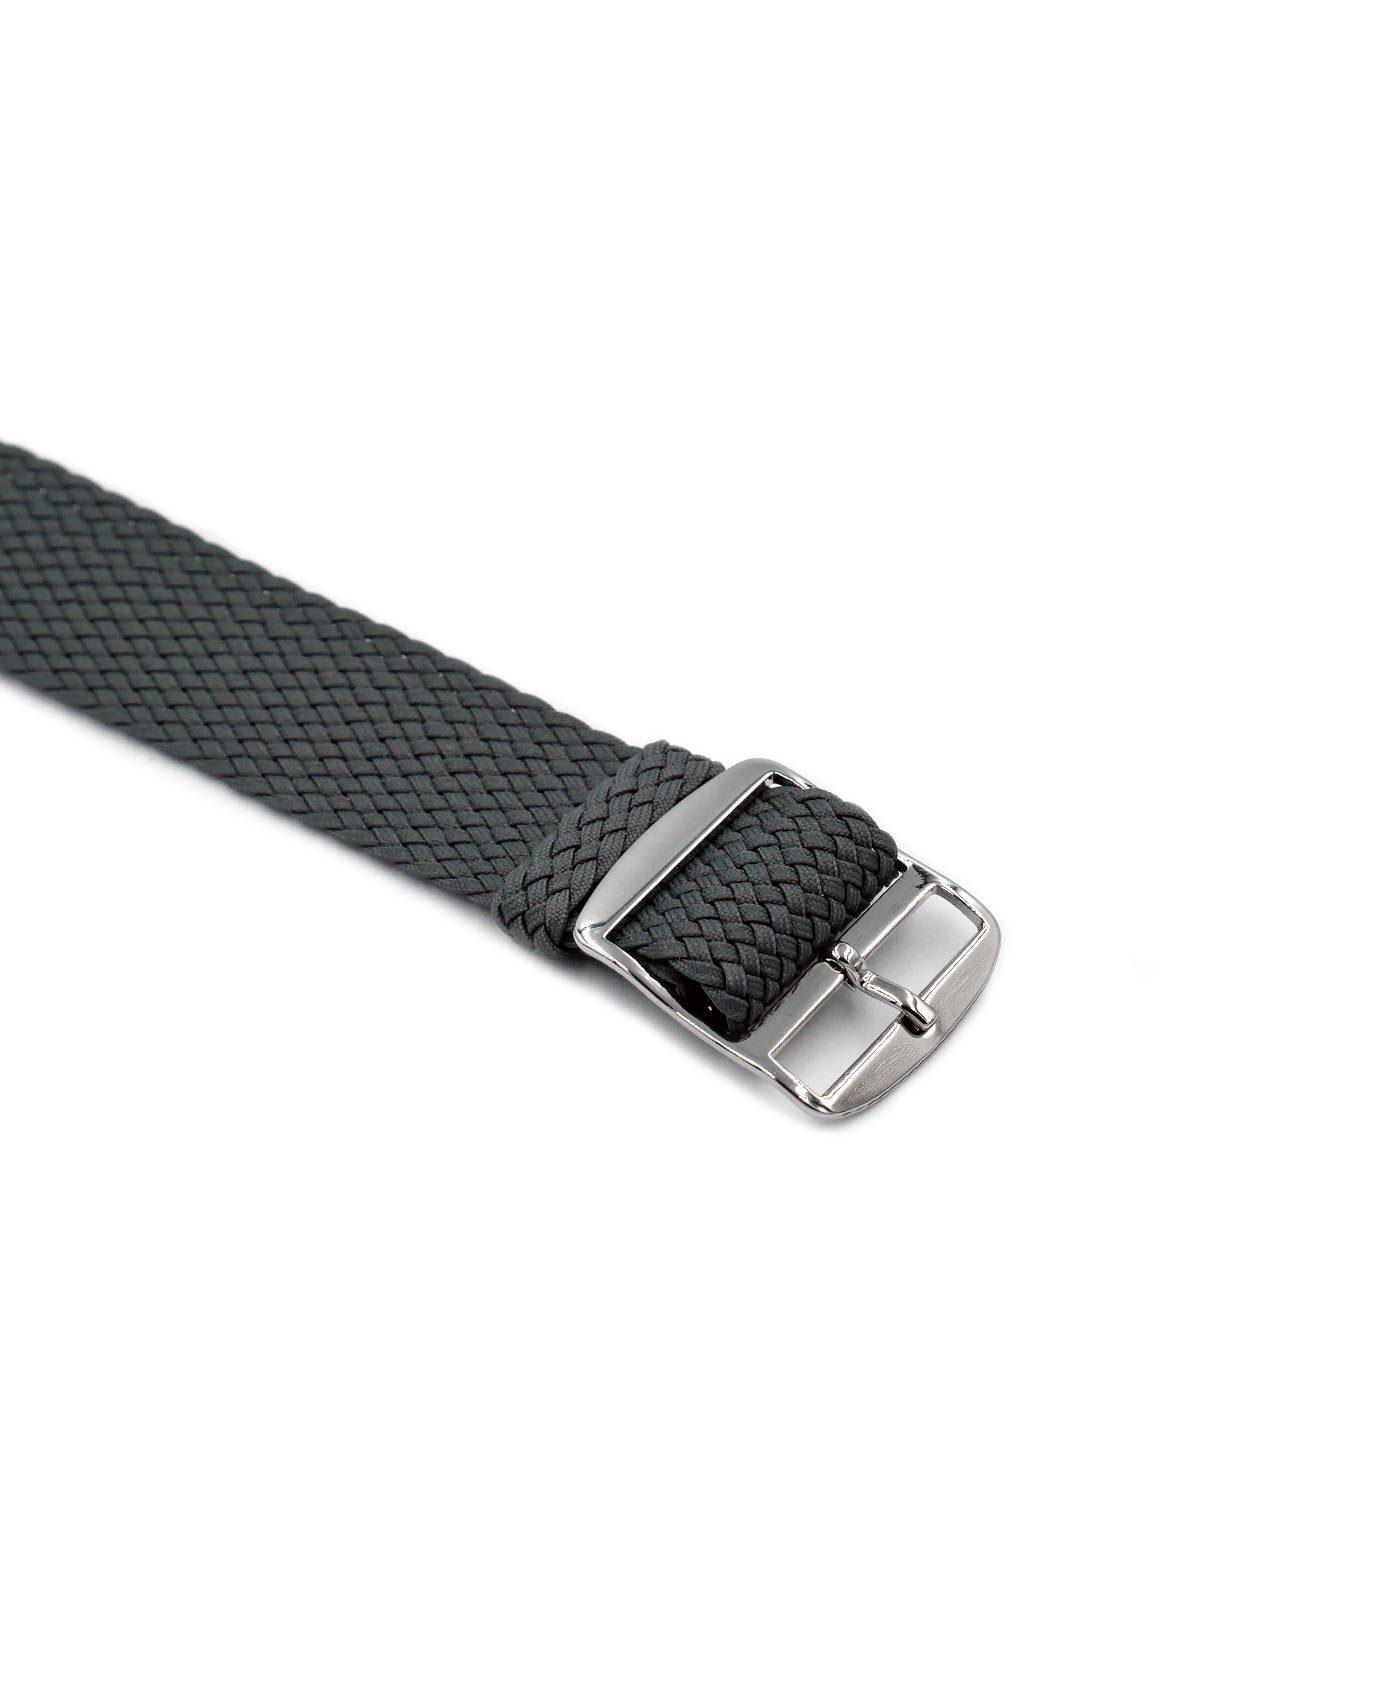 Watchbandit Premium Perlon Watch strap dark grey buckle